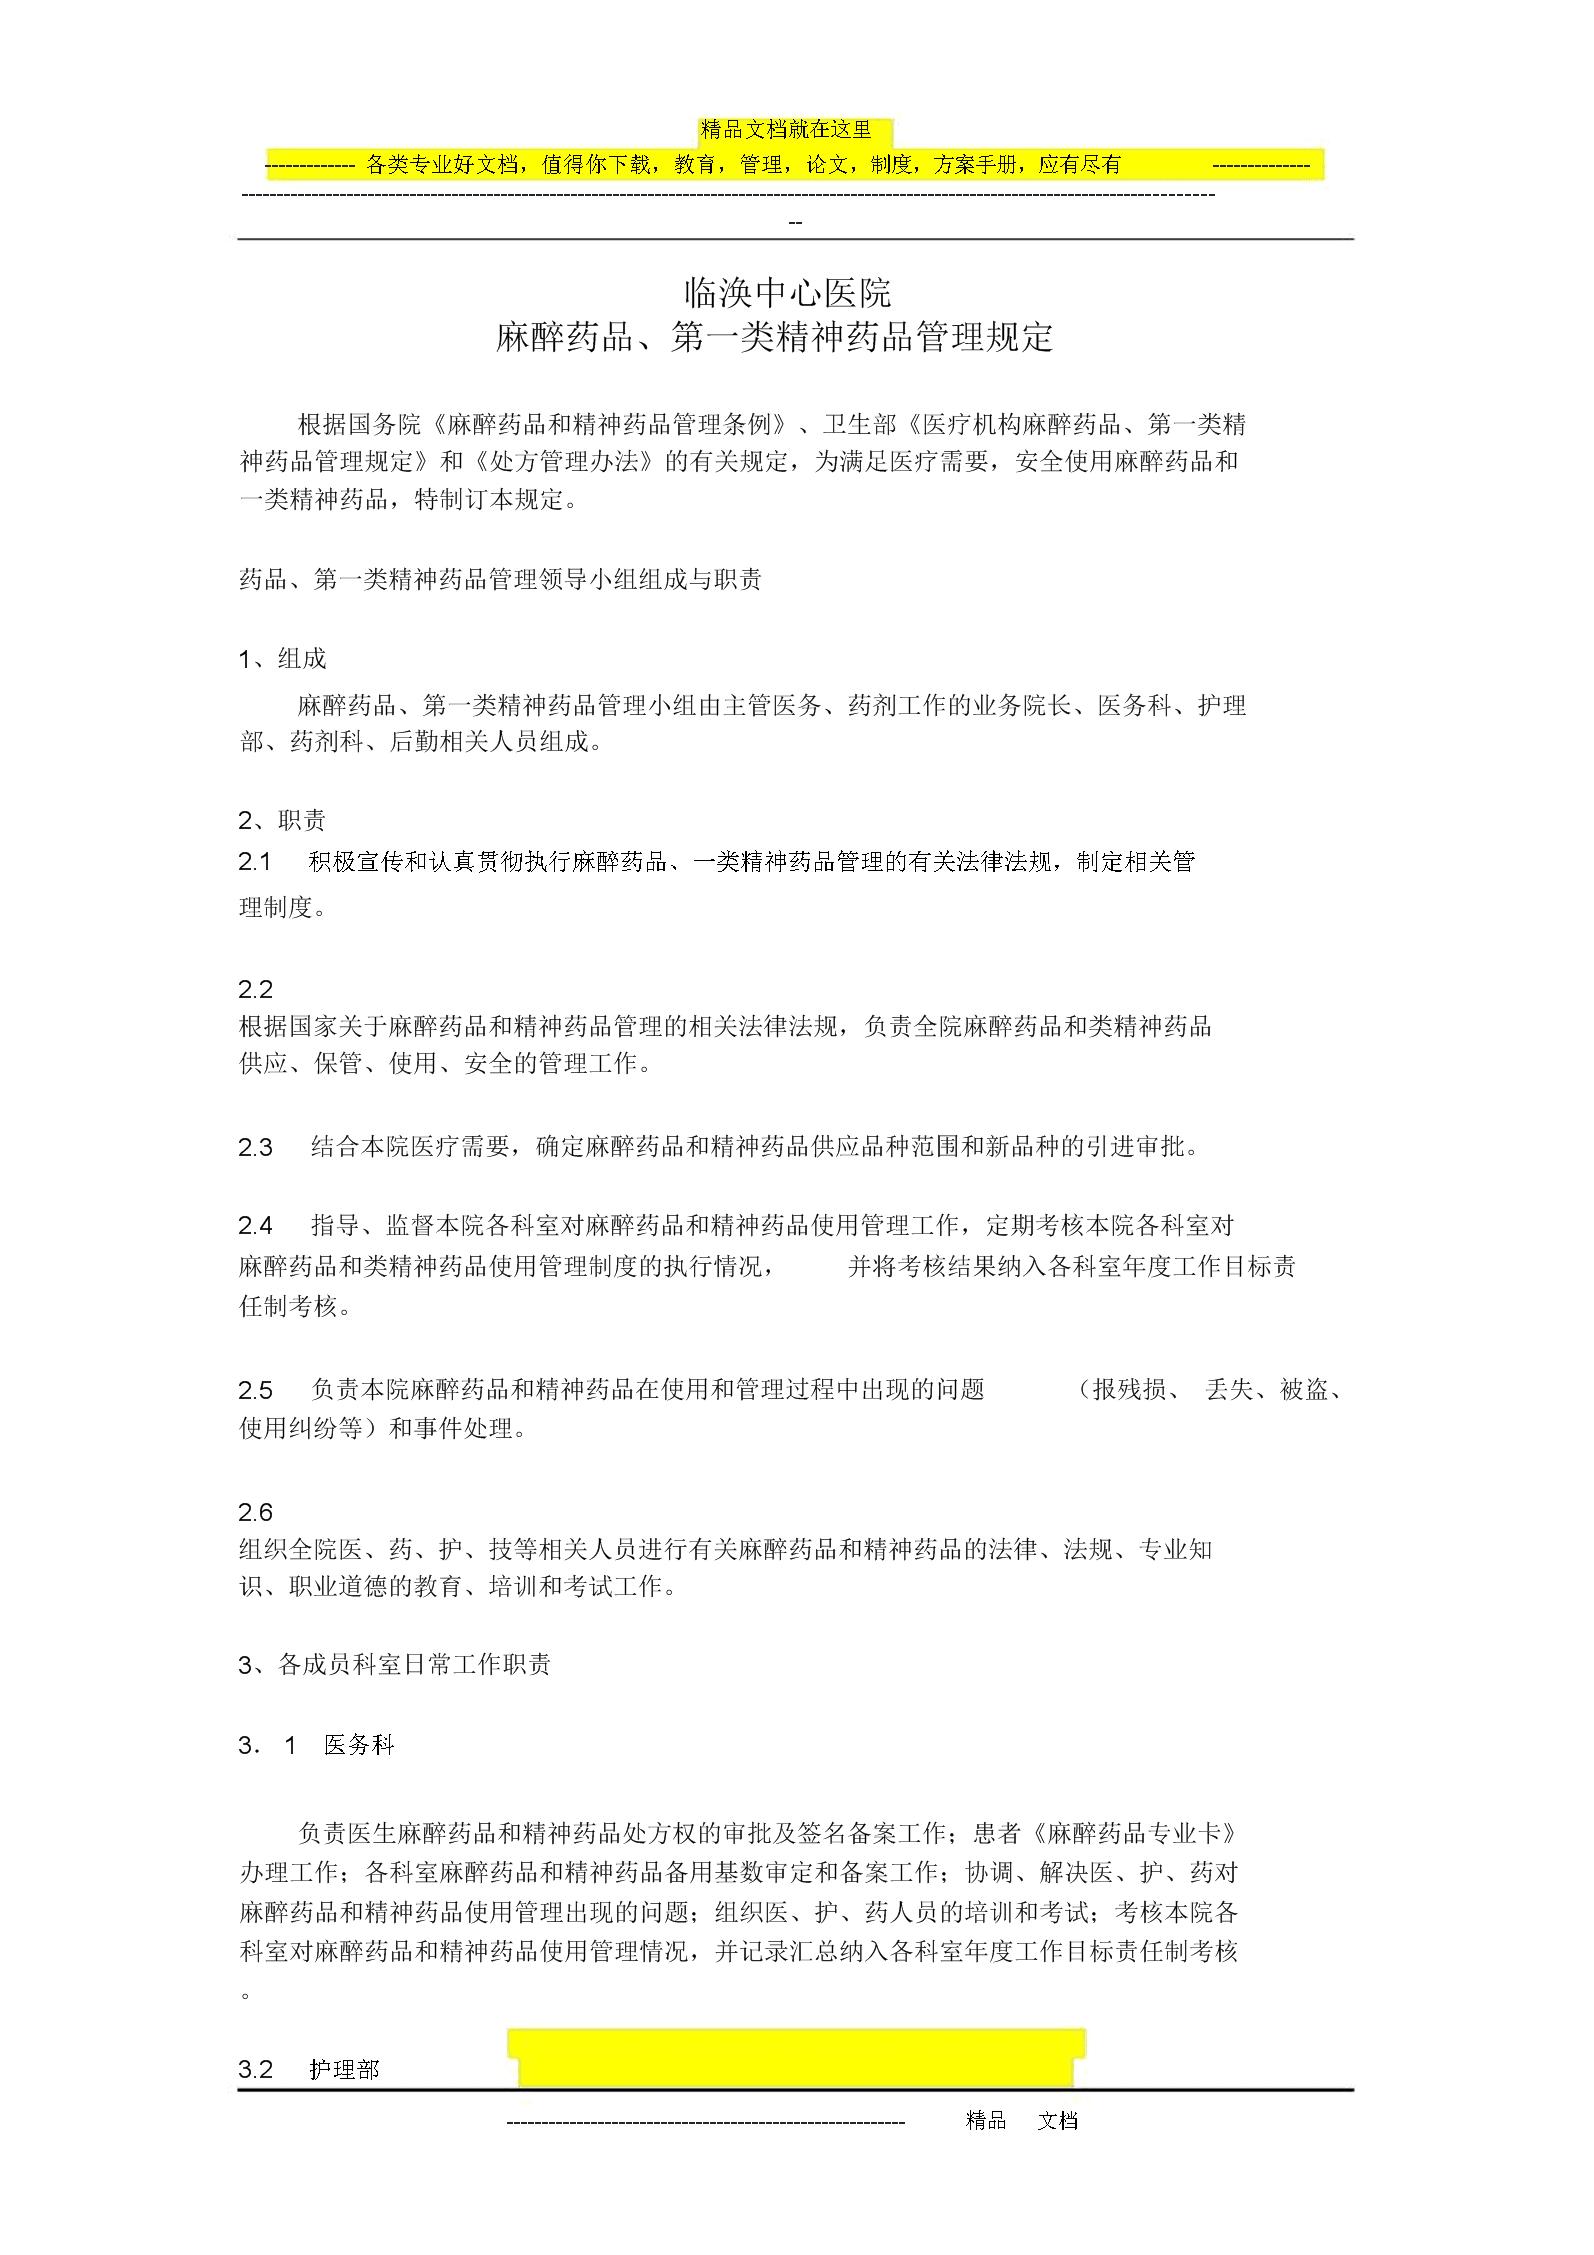 麻醉药品管理制度新.doc